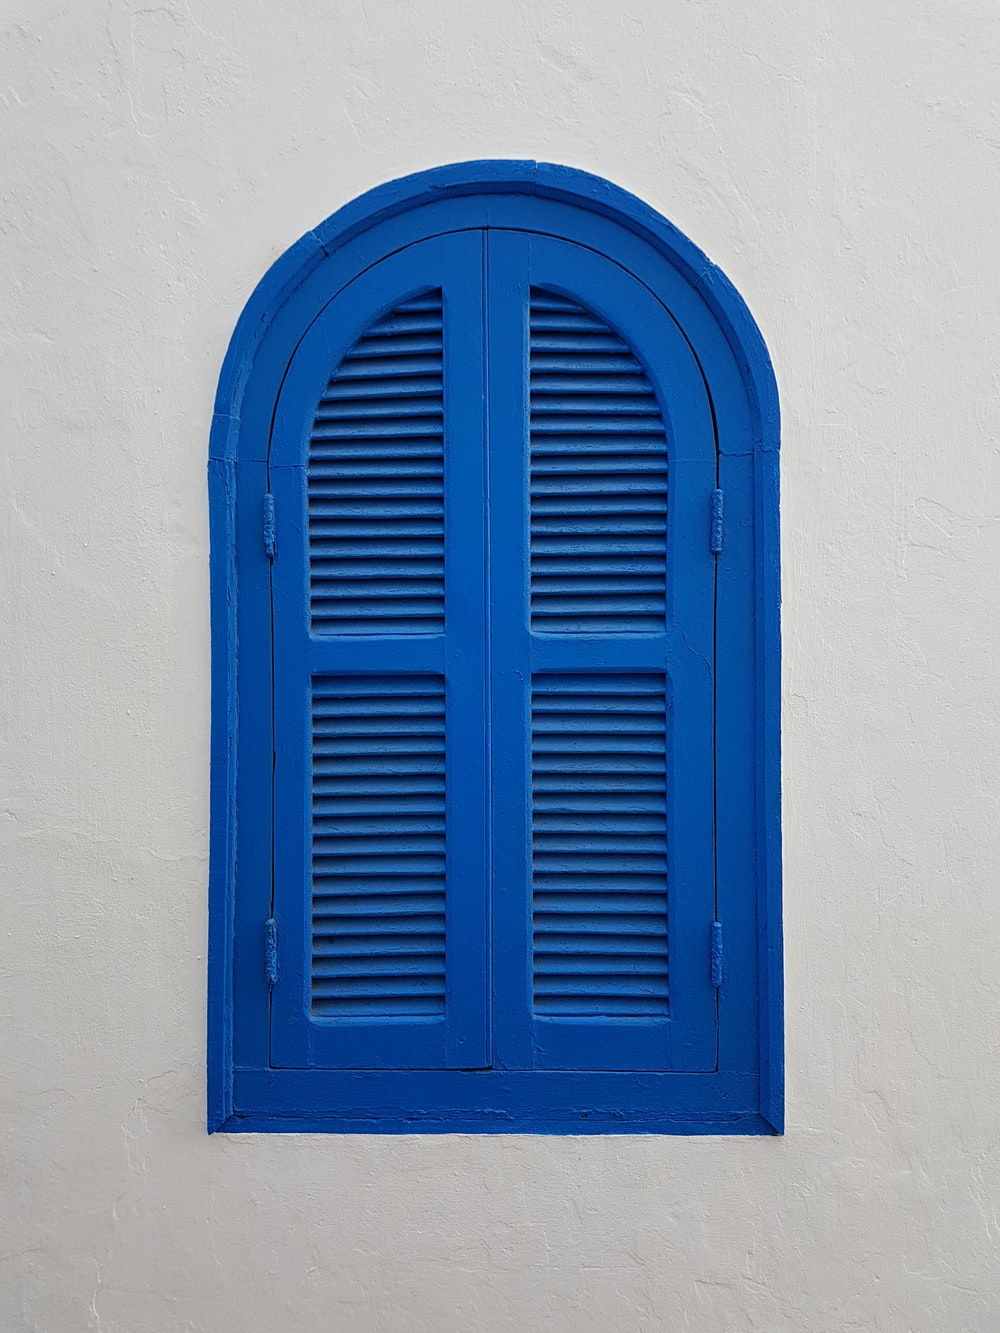 blue wooden window on wall